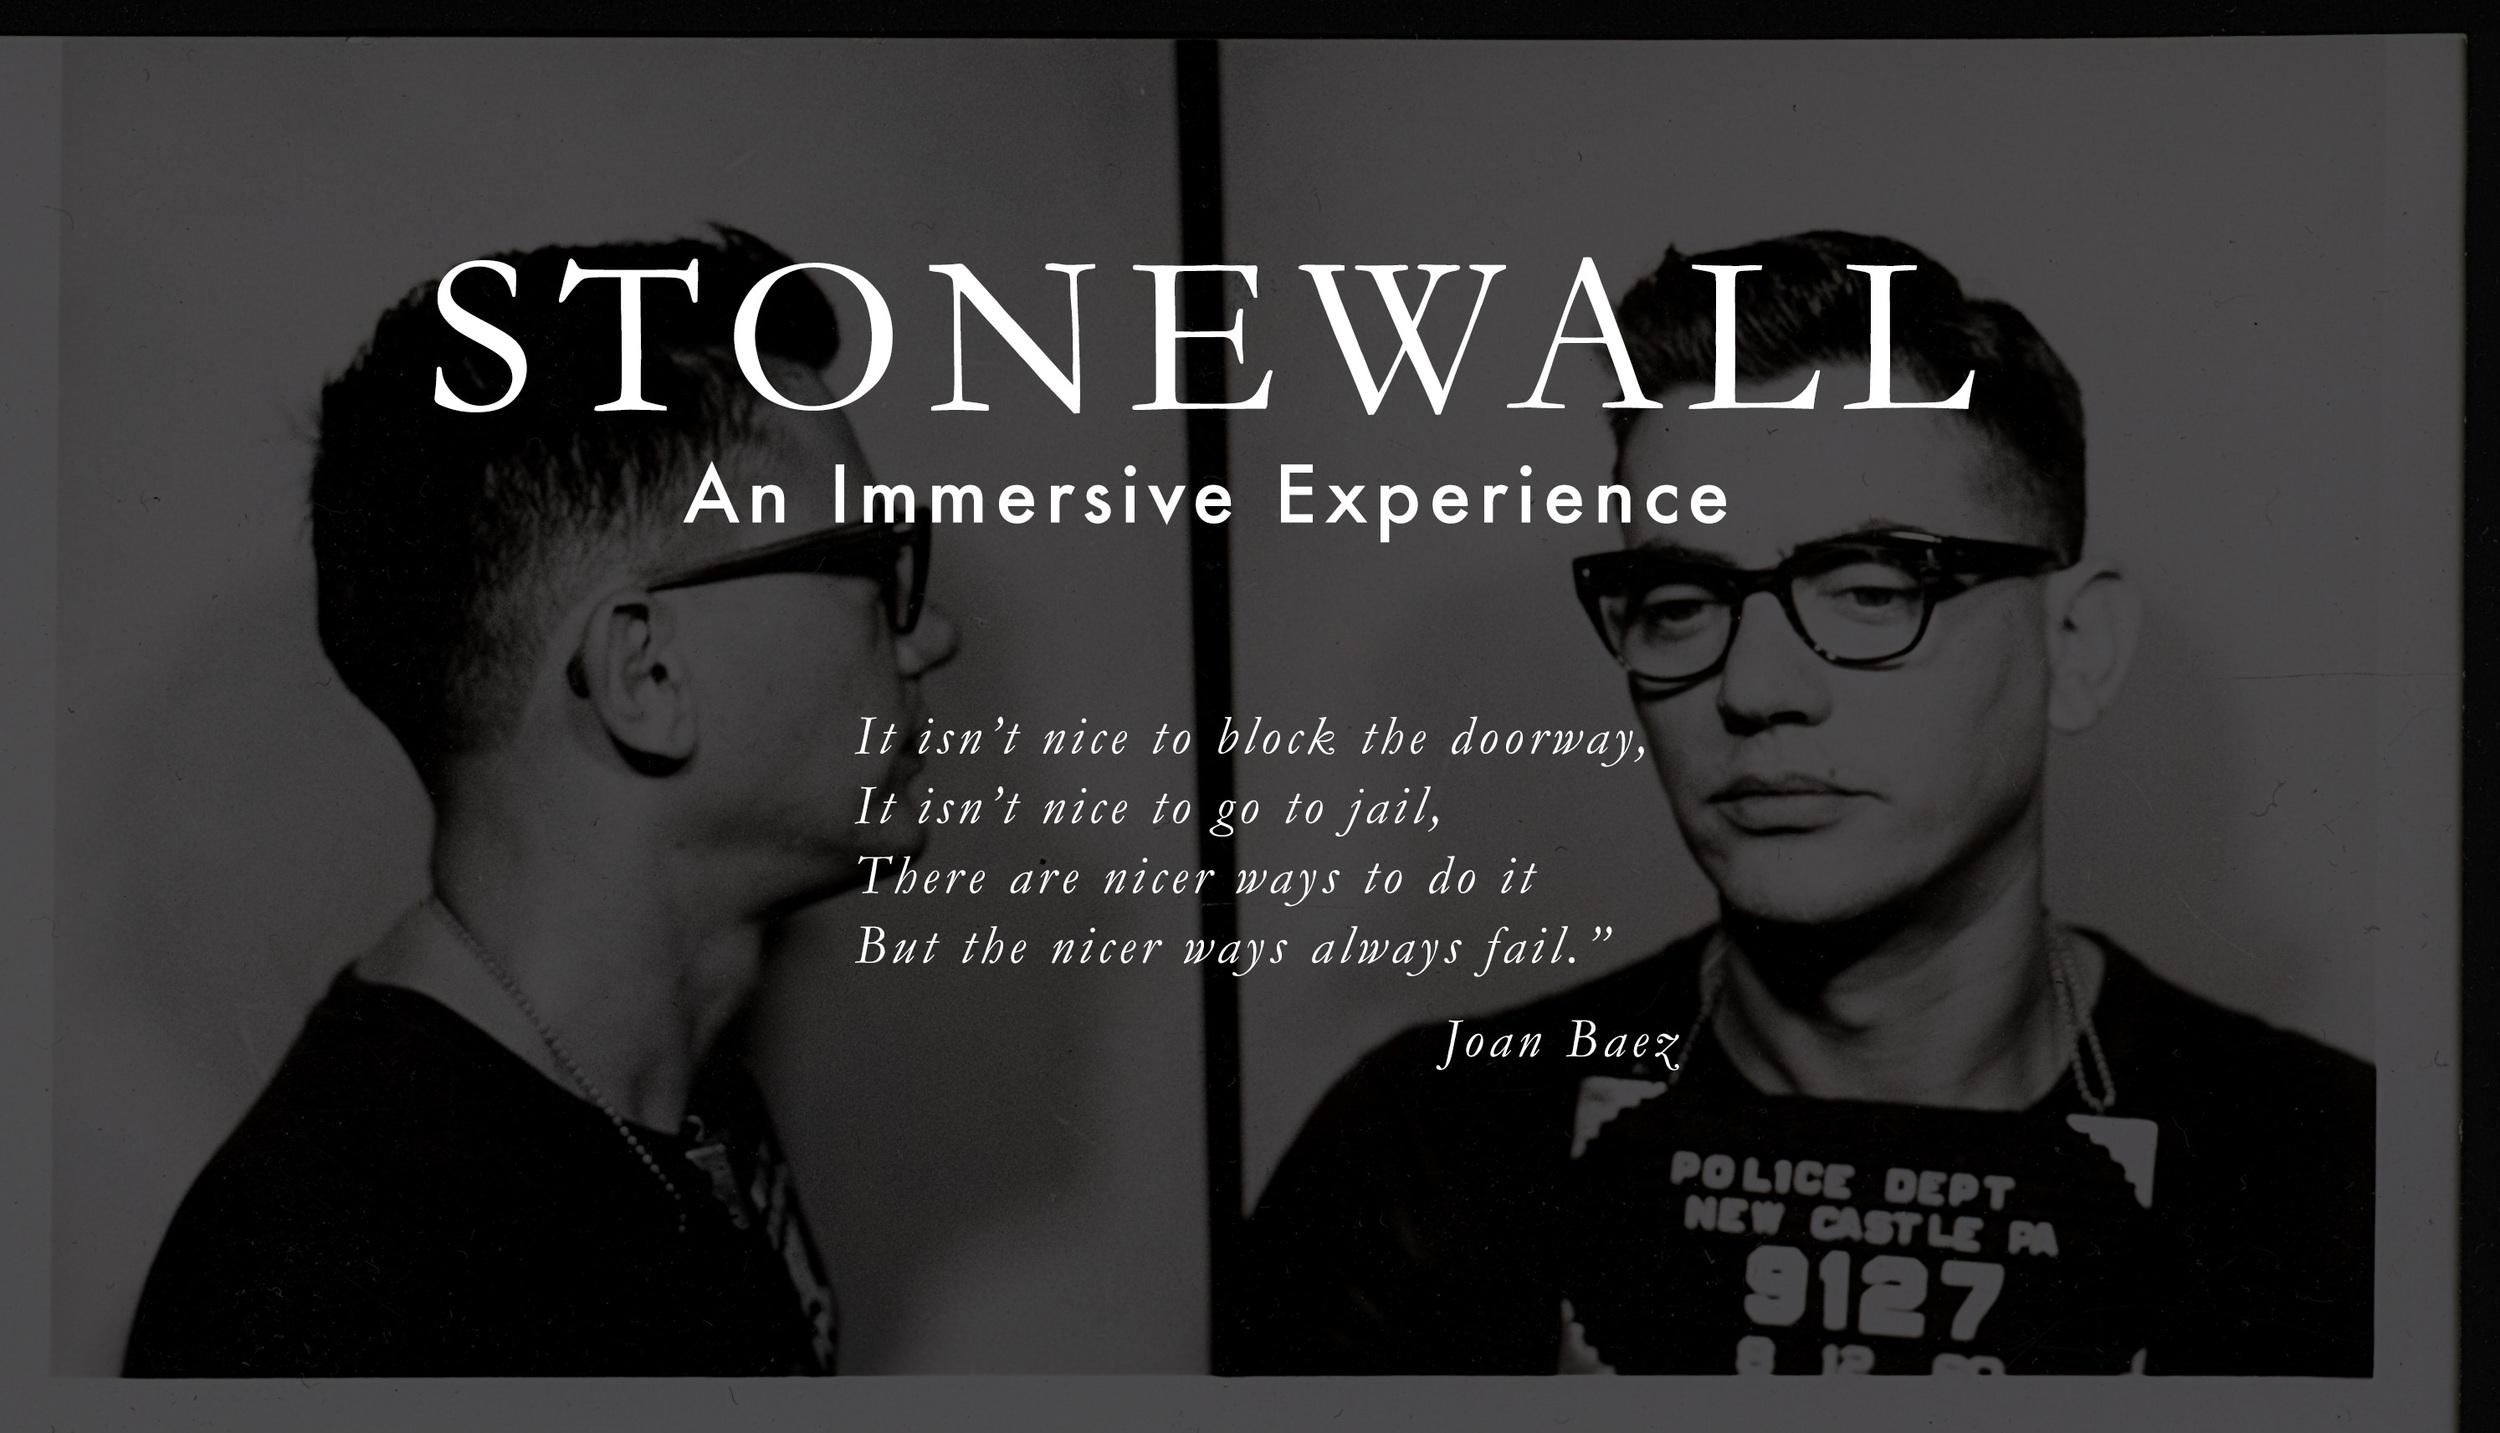 Stonewall_Board copy.jpg